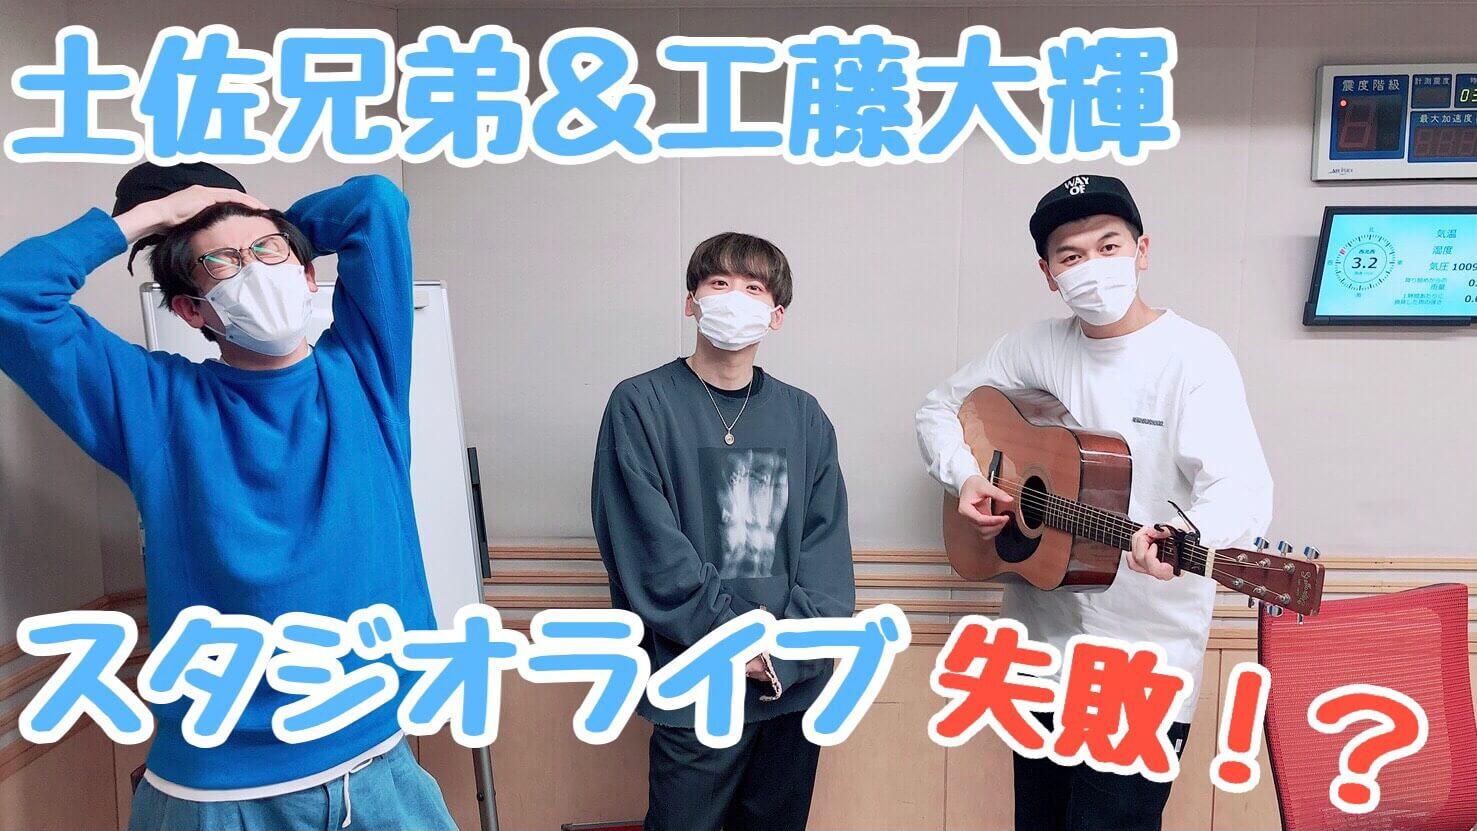 土佐兄弟&Da-iCE工藤大輝 スタジオライブ失敗!?